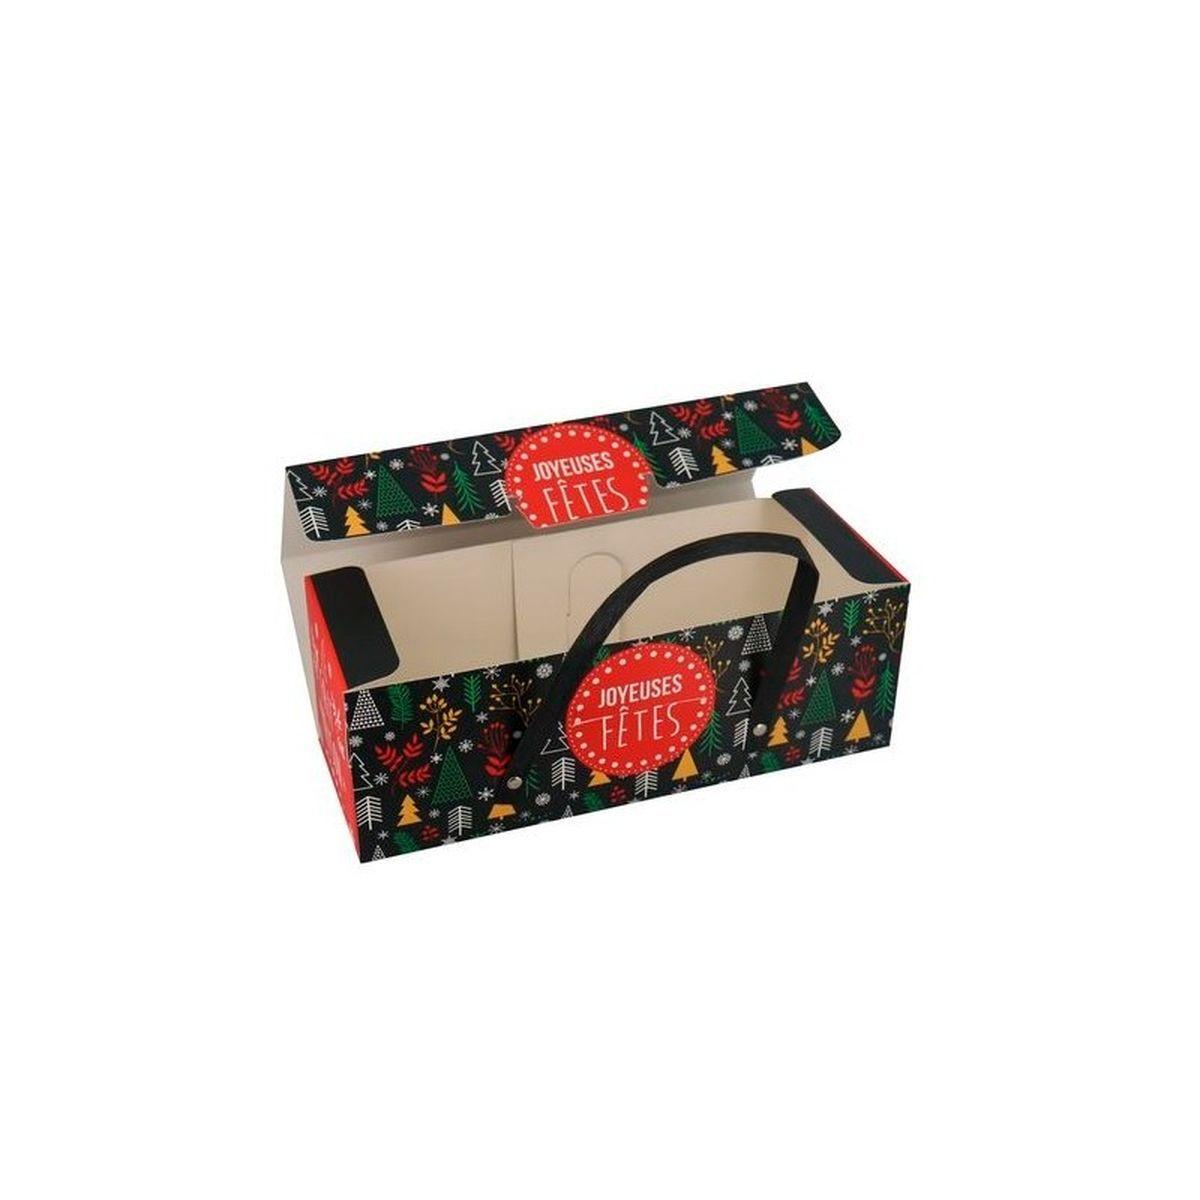 Boite de transport pour bûche en carton avec poignées 11 x 11 x 30 cm - Patisdecor